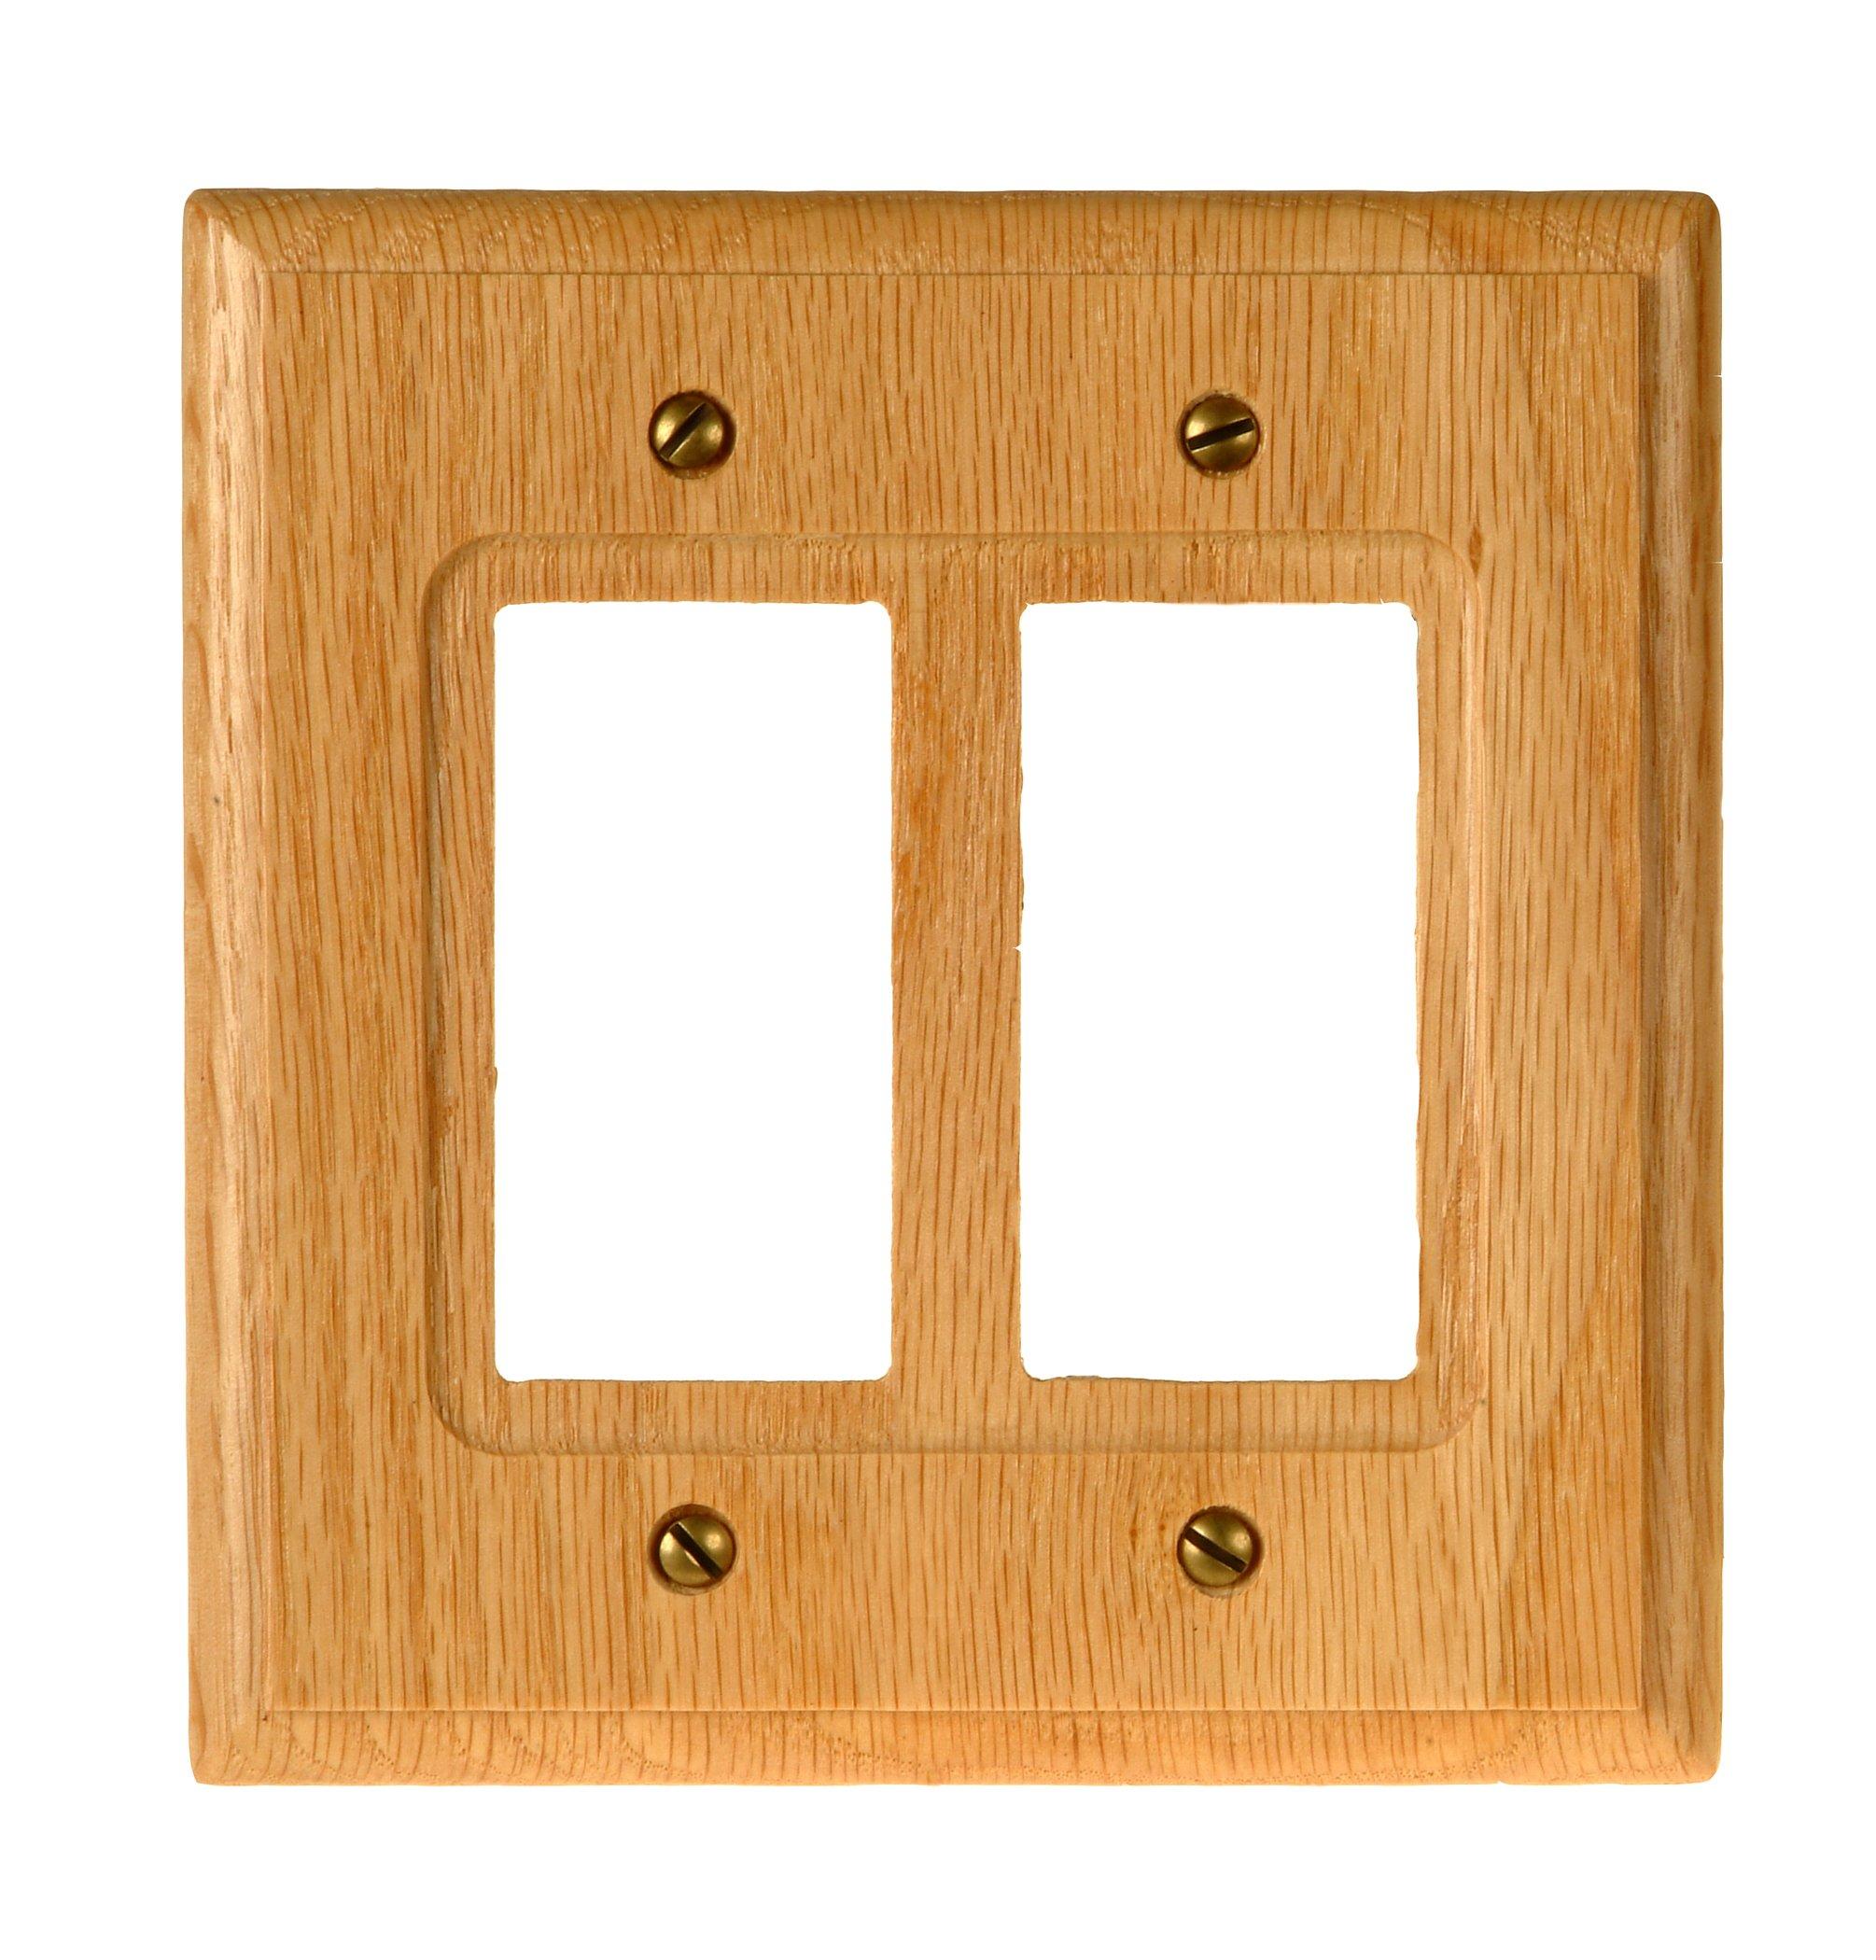 Amerelle 4025RR Traditional Wood Double Rocker/GFCI Wallplate, Light Oak